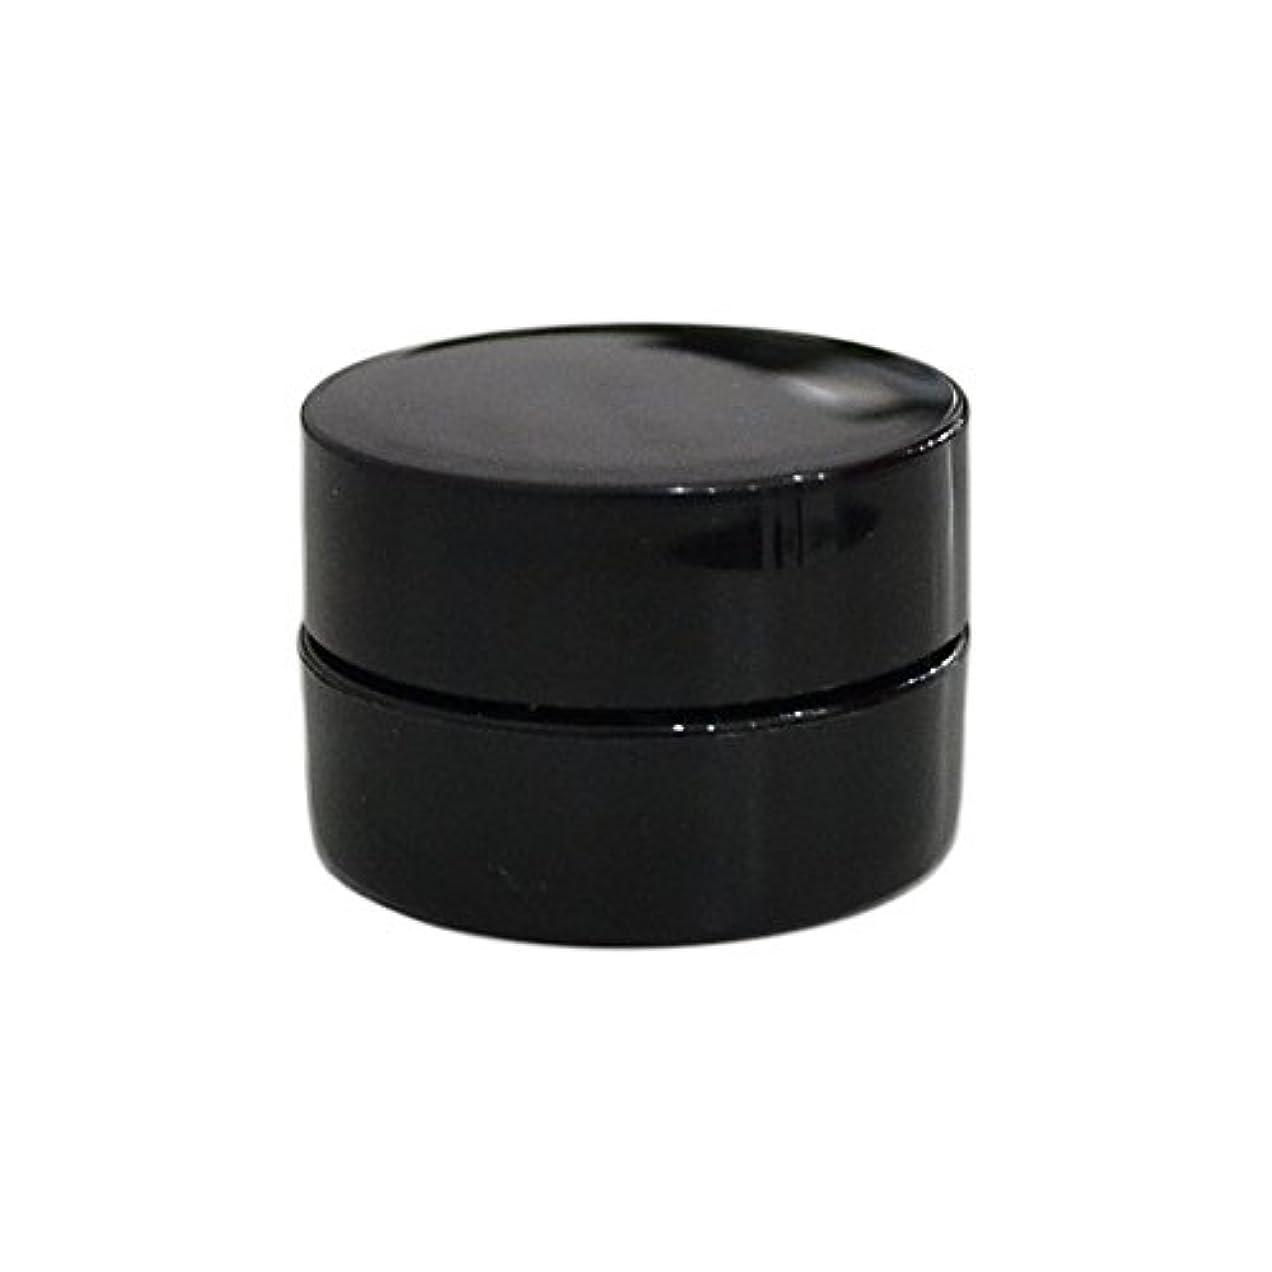 煩わしい防止有害10個セット/純国産ネイルジェルコンテナ 3g用 GA3g 漏れ防止パッキン&ブラシプレート付容器 ジェルを無駄なく使える底面傾斜あり 遮光 黒 ブラック